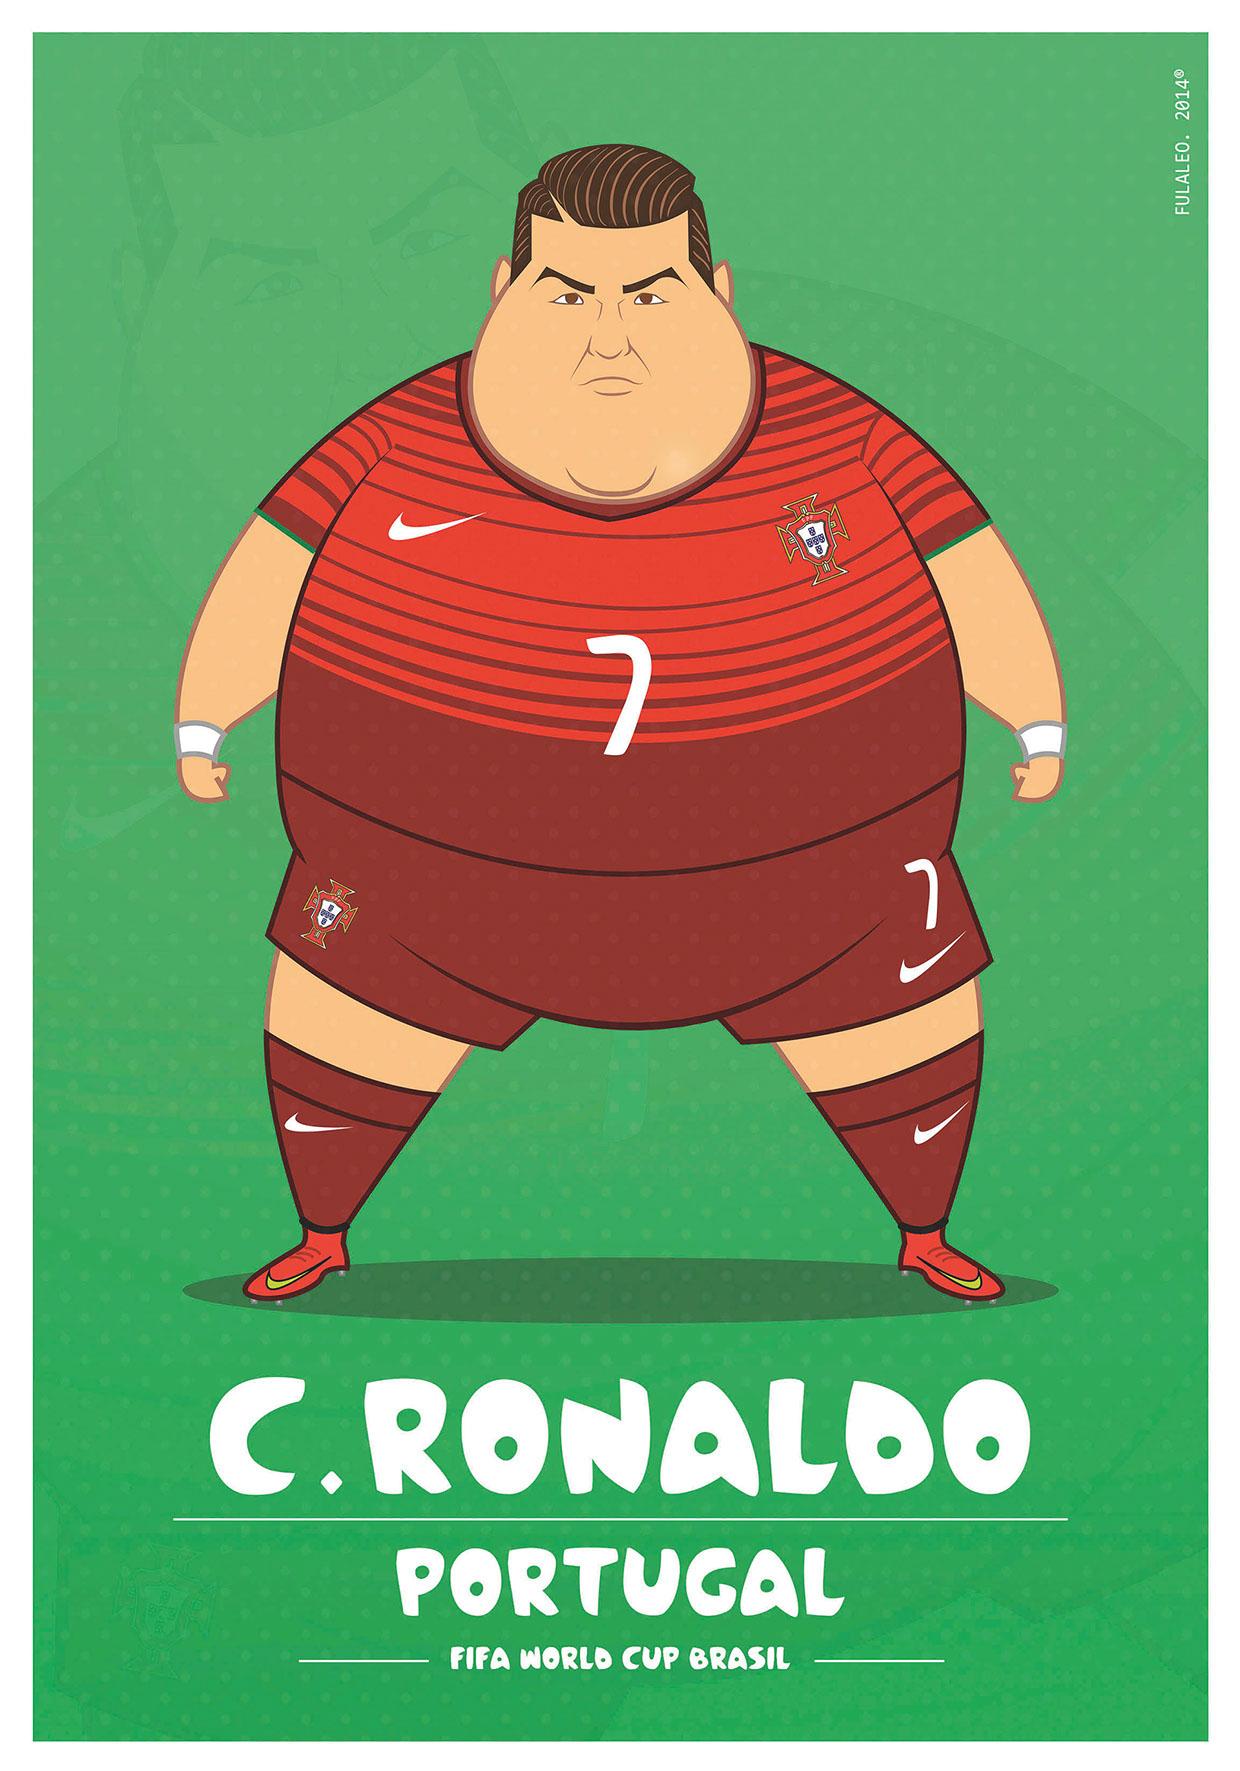 Толстые футболисты чемпионата мира в Бразилии 4